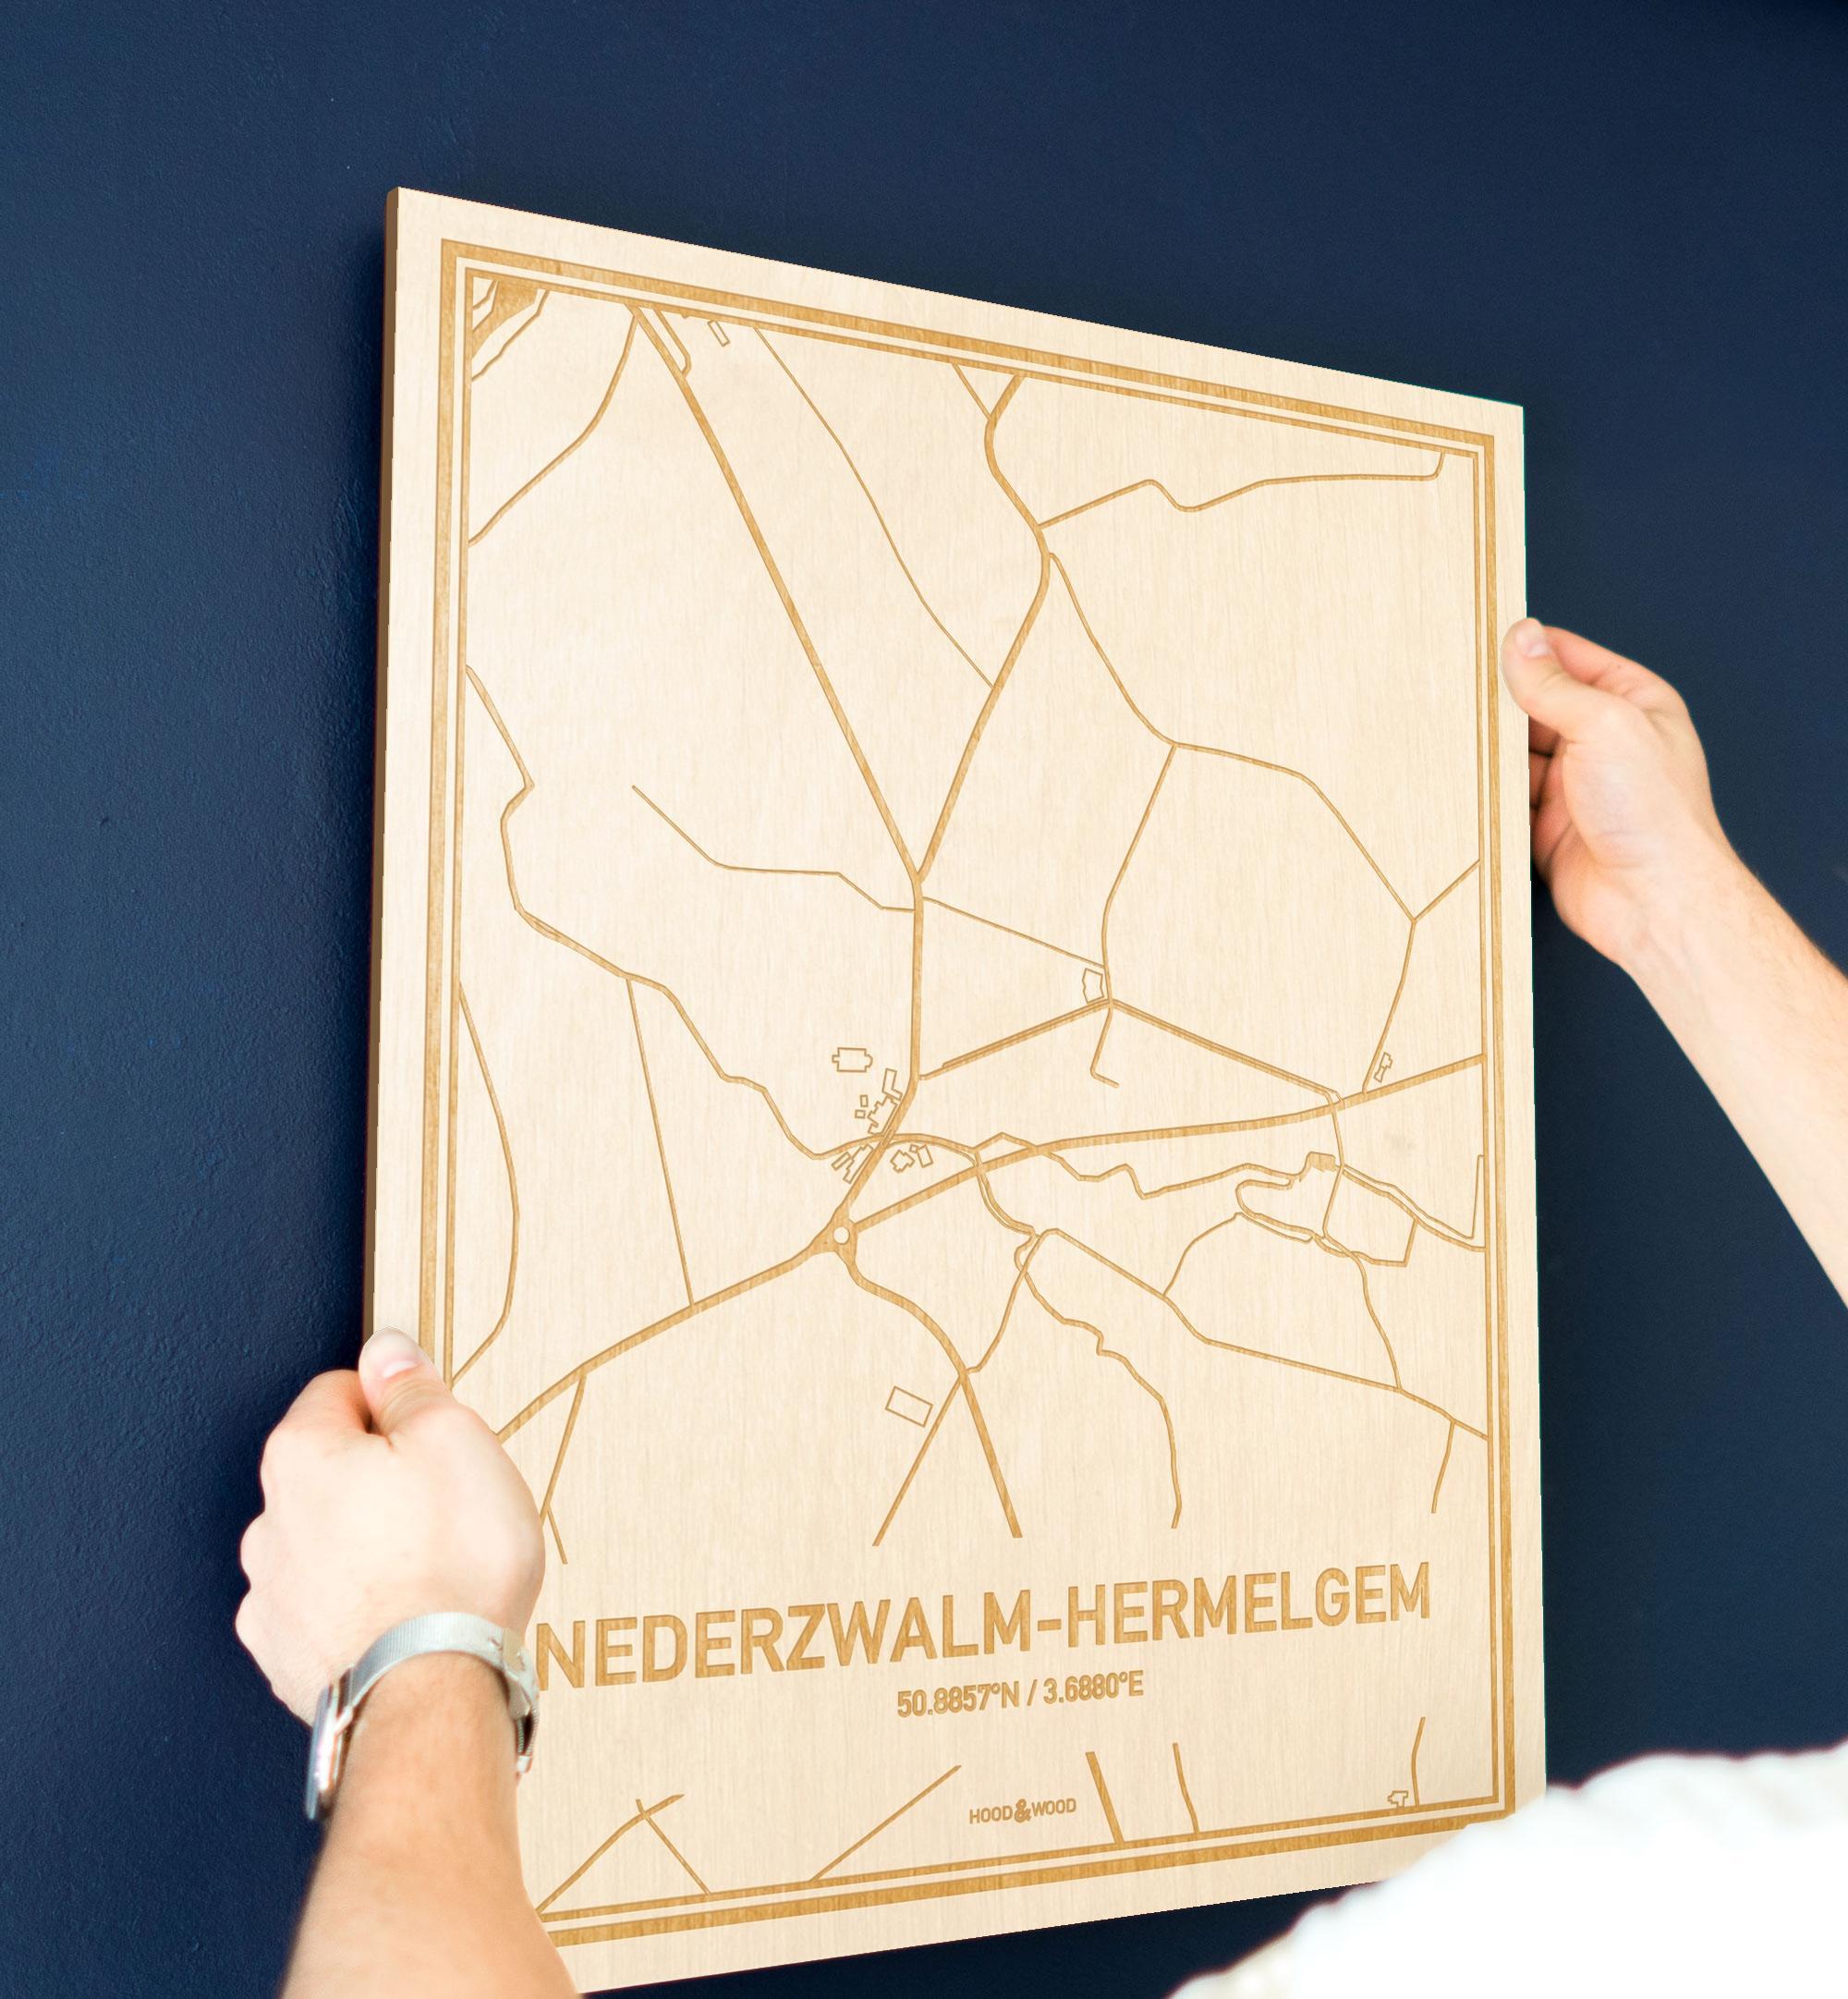 Een man hangt de houten plattegrond Nederzwalm-Hermelgem aan zijn blauwe muur ter decoratie. Je ziet alleen zijn handen de kaart van deze speciale in Oost-Vlaanderen  vasthouden.